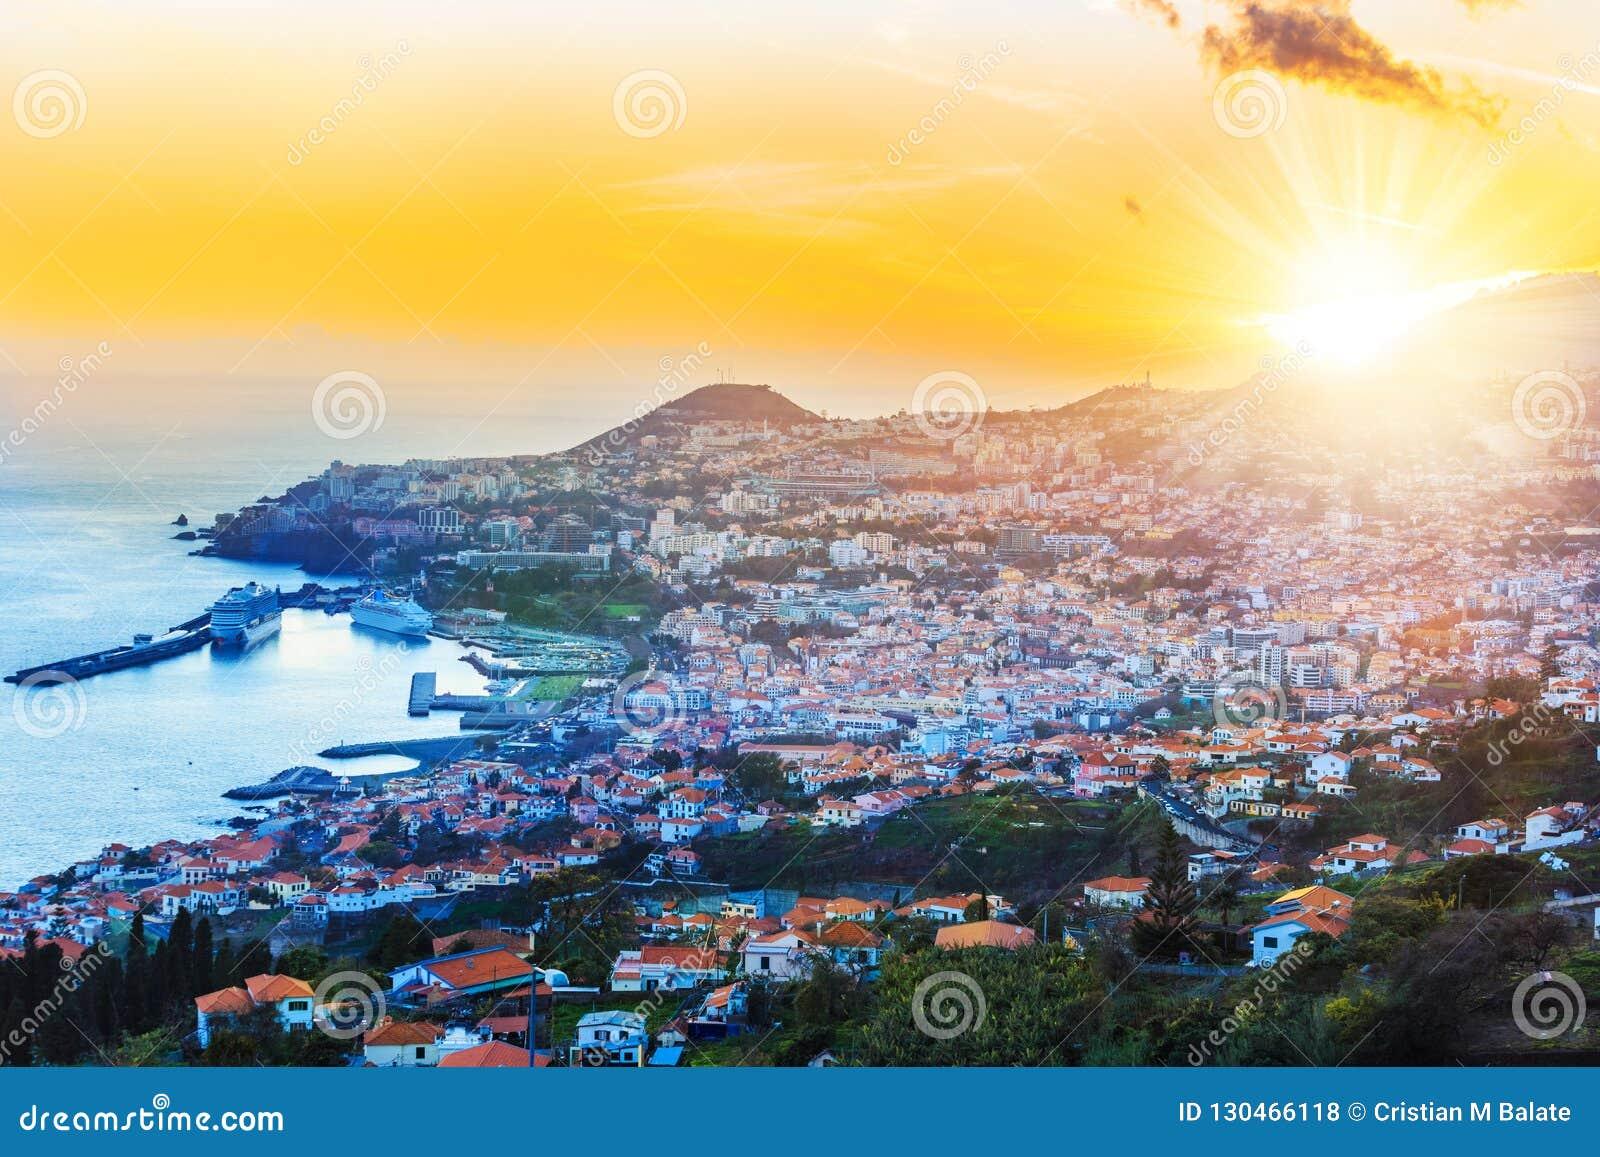 Vista aérea, de la isla de Madeira